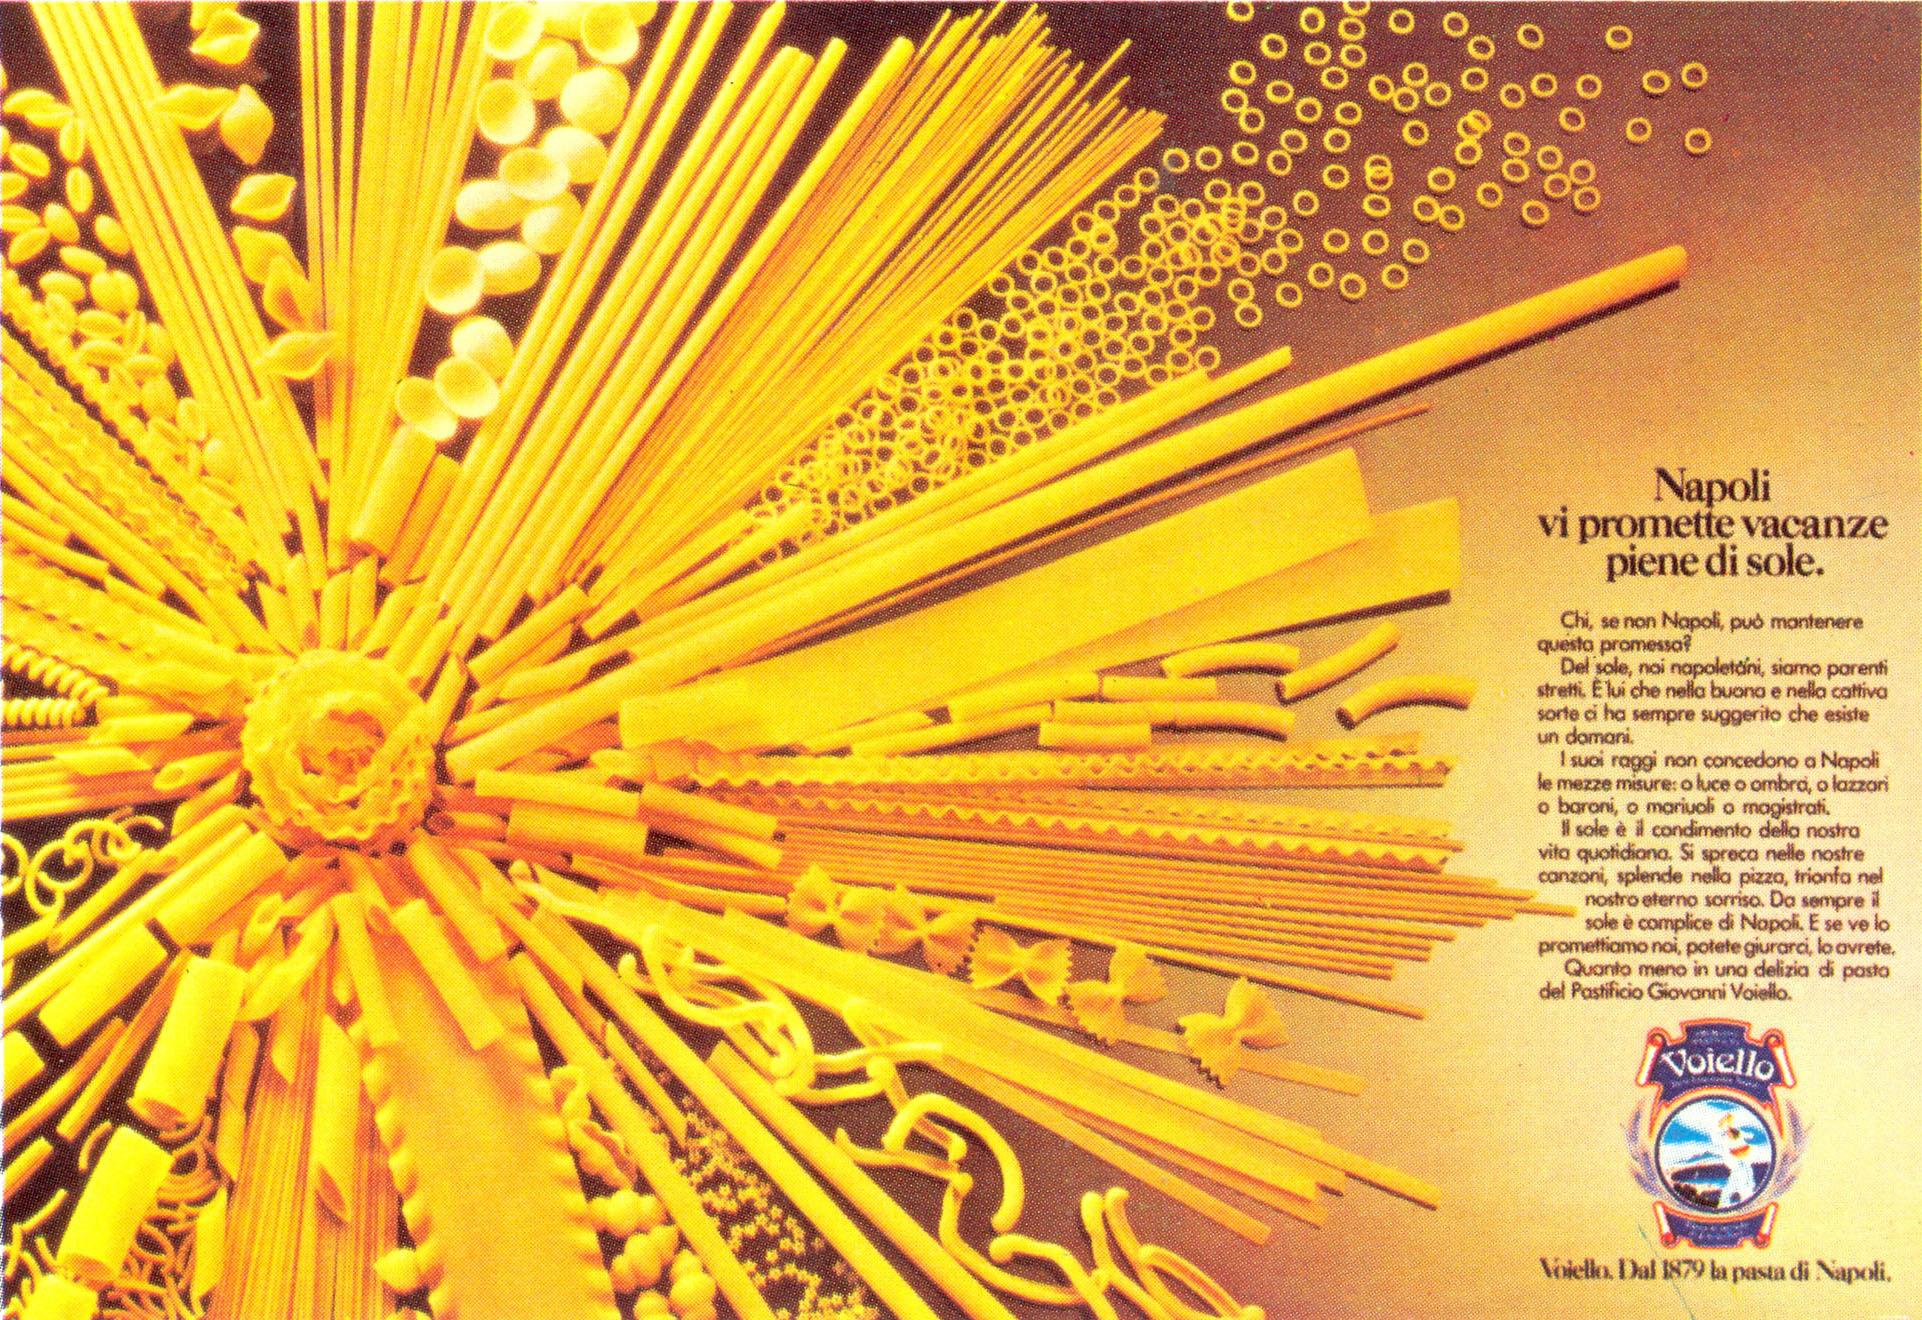 Voiello advertising campaign, 1983